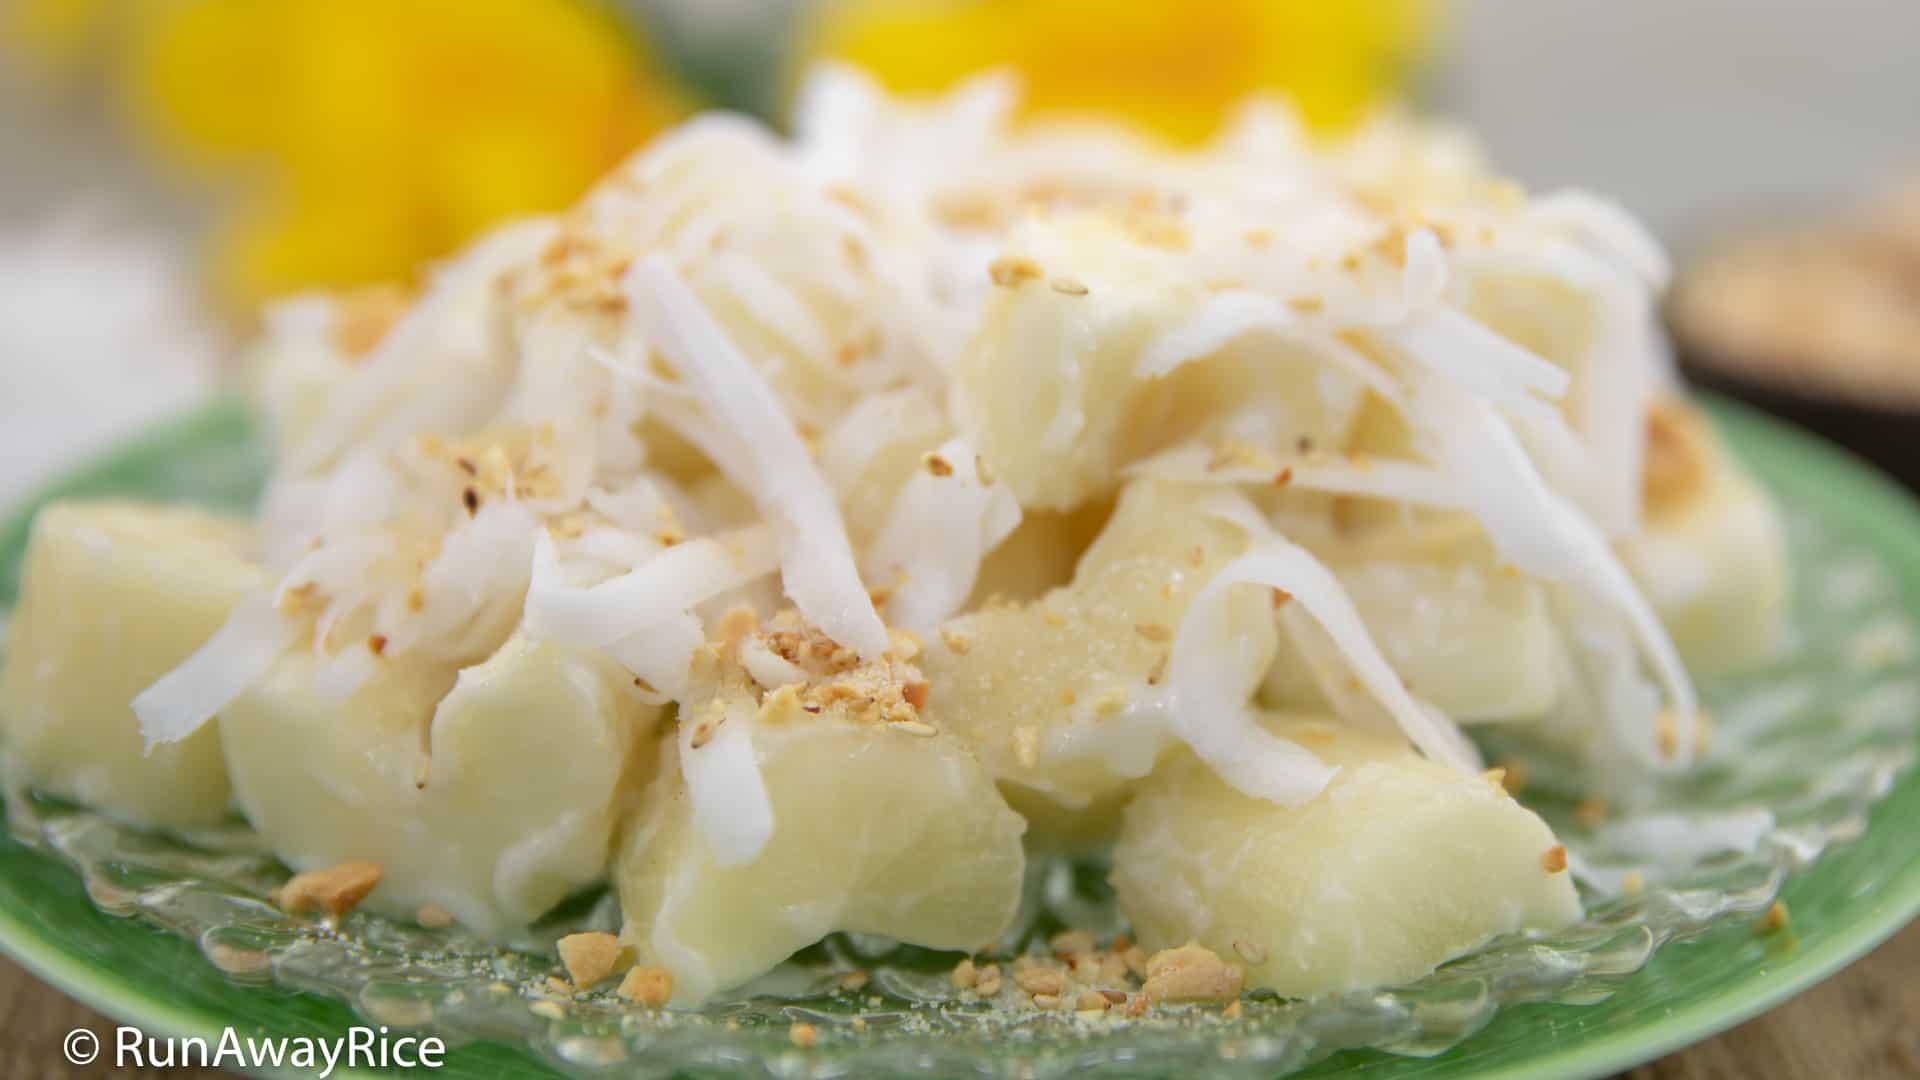 Cassava and Coconut Milk (Khoai Mi Nuoc Cot Dua) - Easy Instant Pot Recipe! | recipe from runawayrice.com